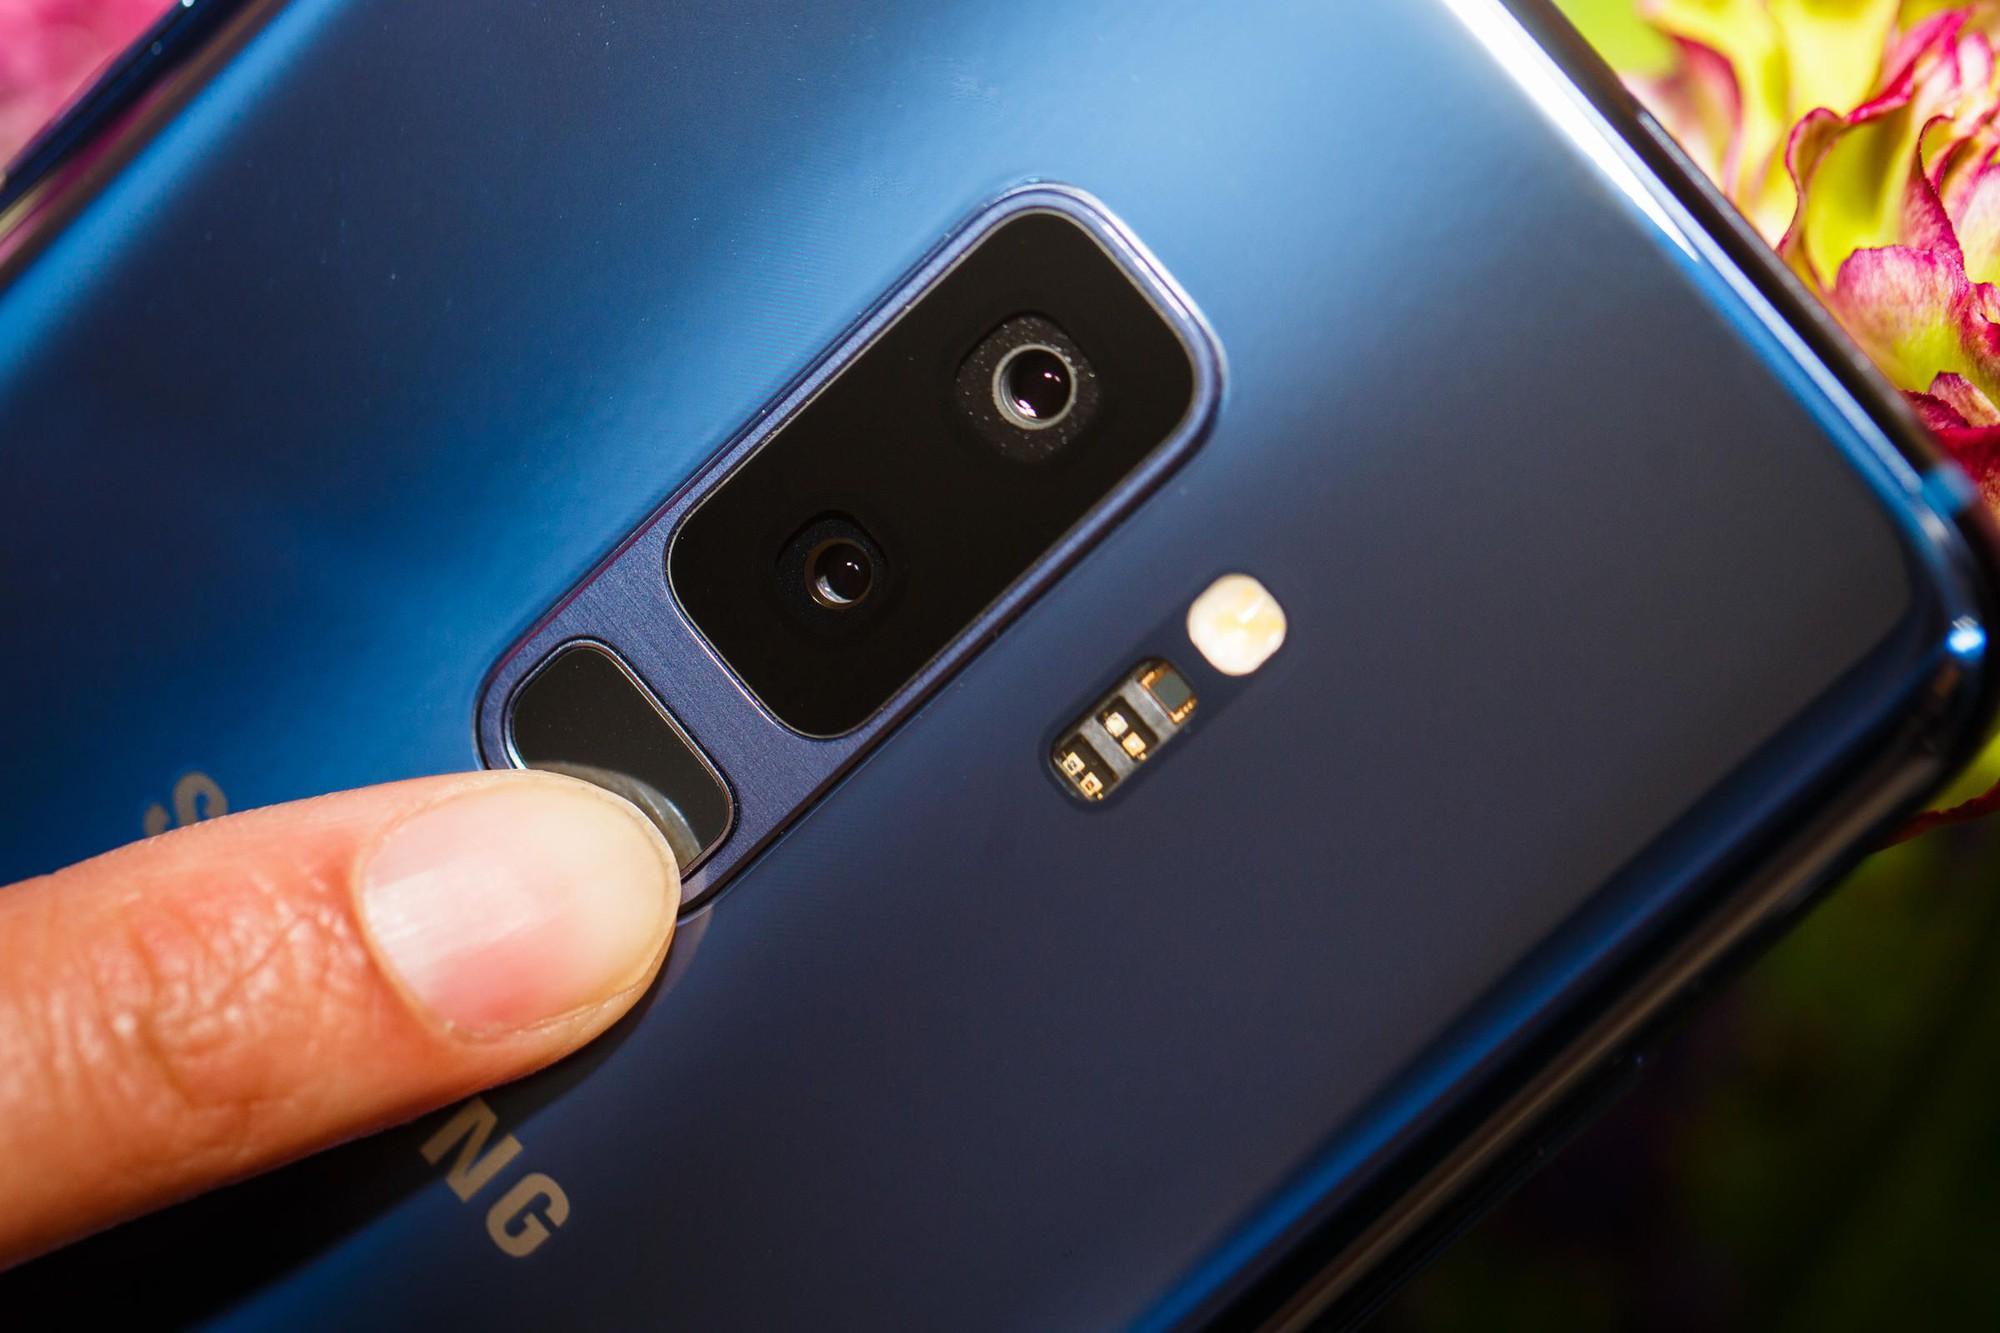 6 tính năng nổi bật nhất của Galaxy S9/S9+ mà bất cứ fan cuồng Samsung nào cũng phải biết - Ảnh 1.